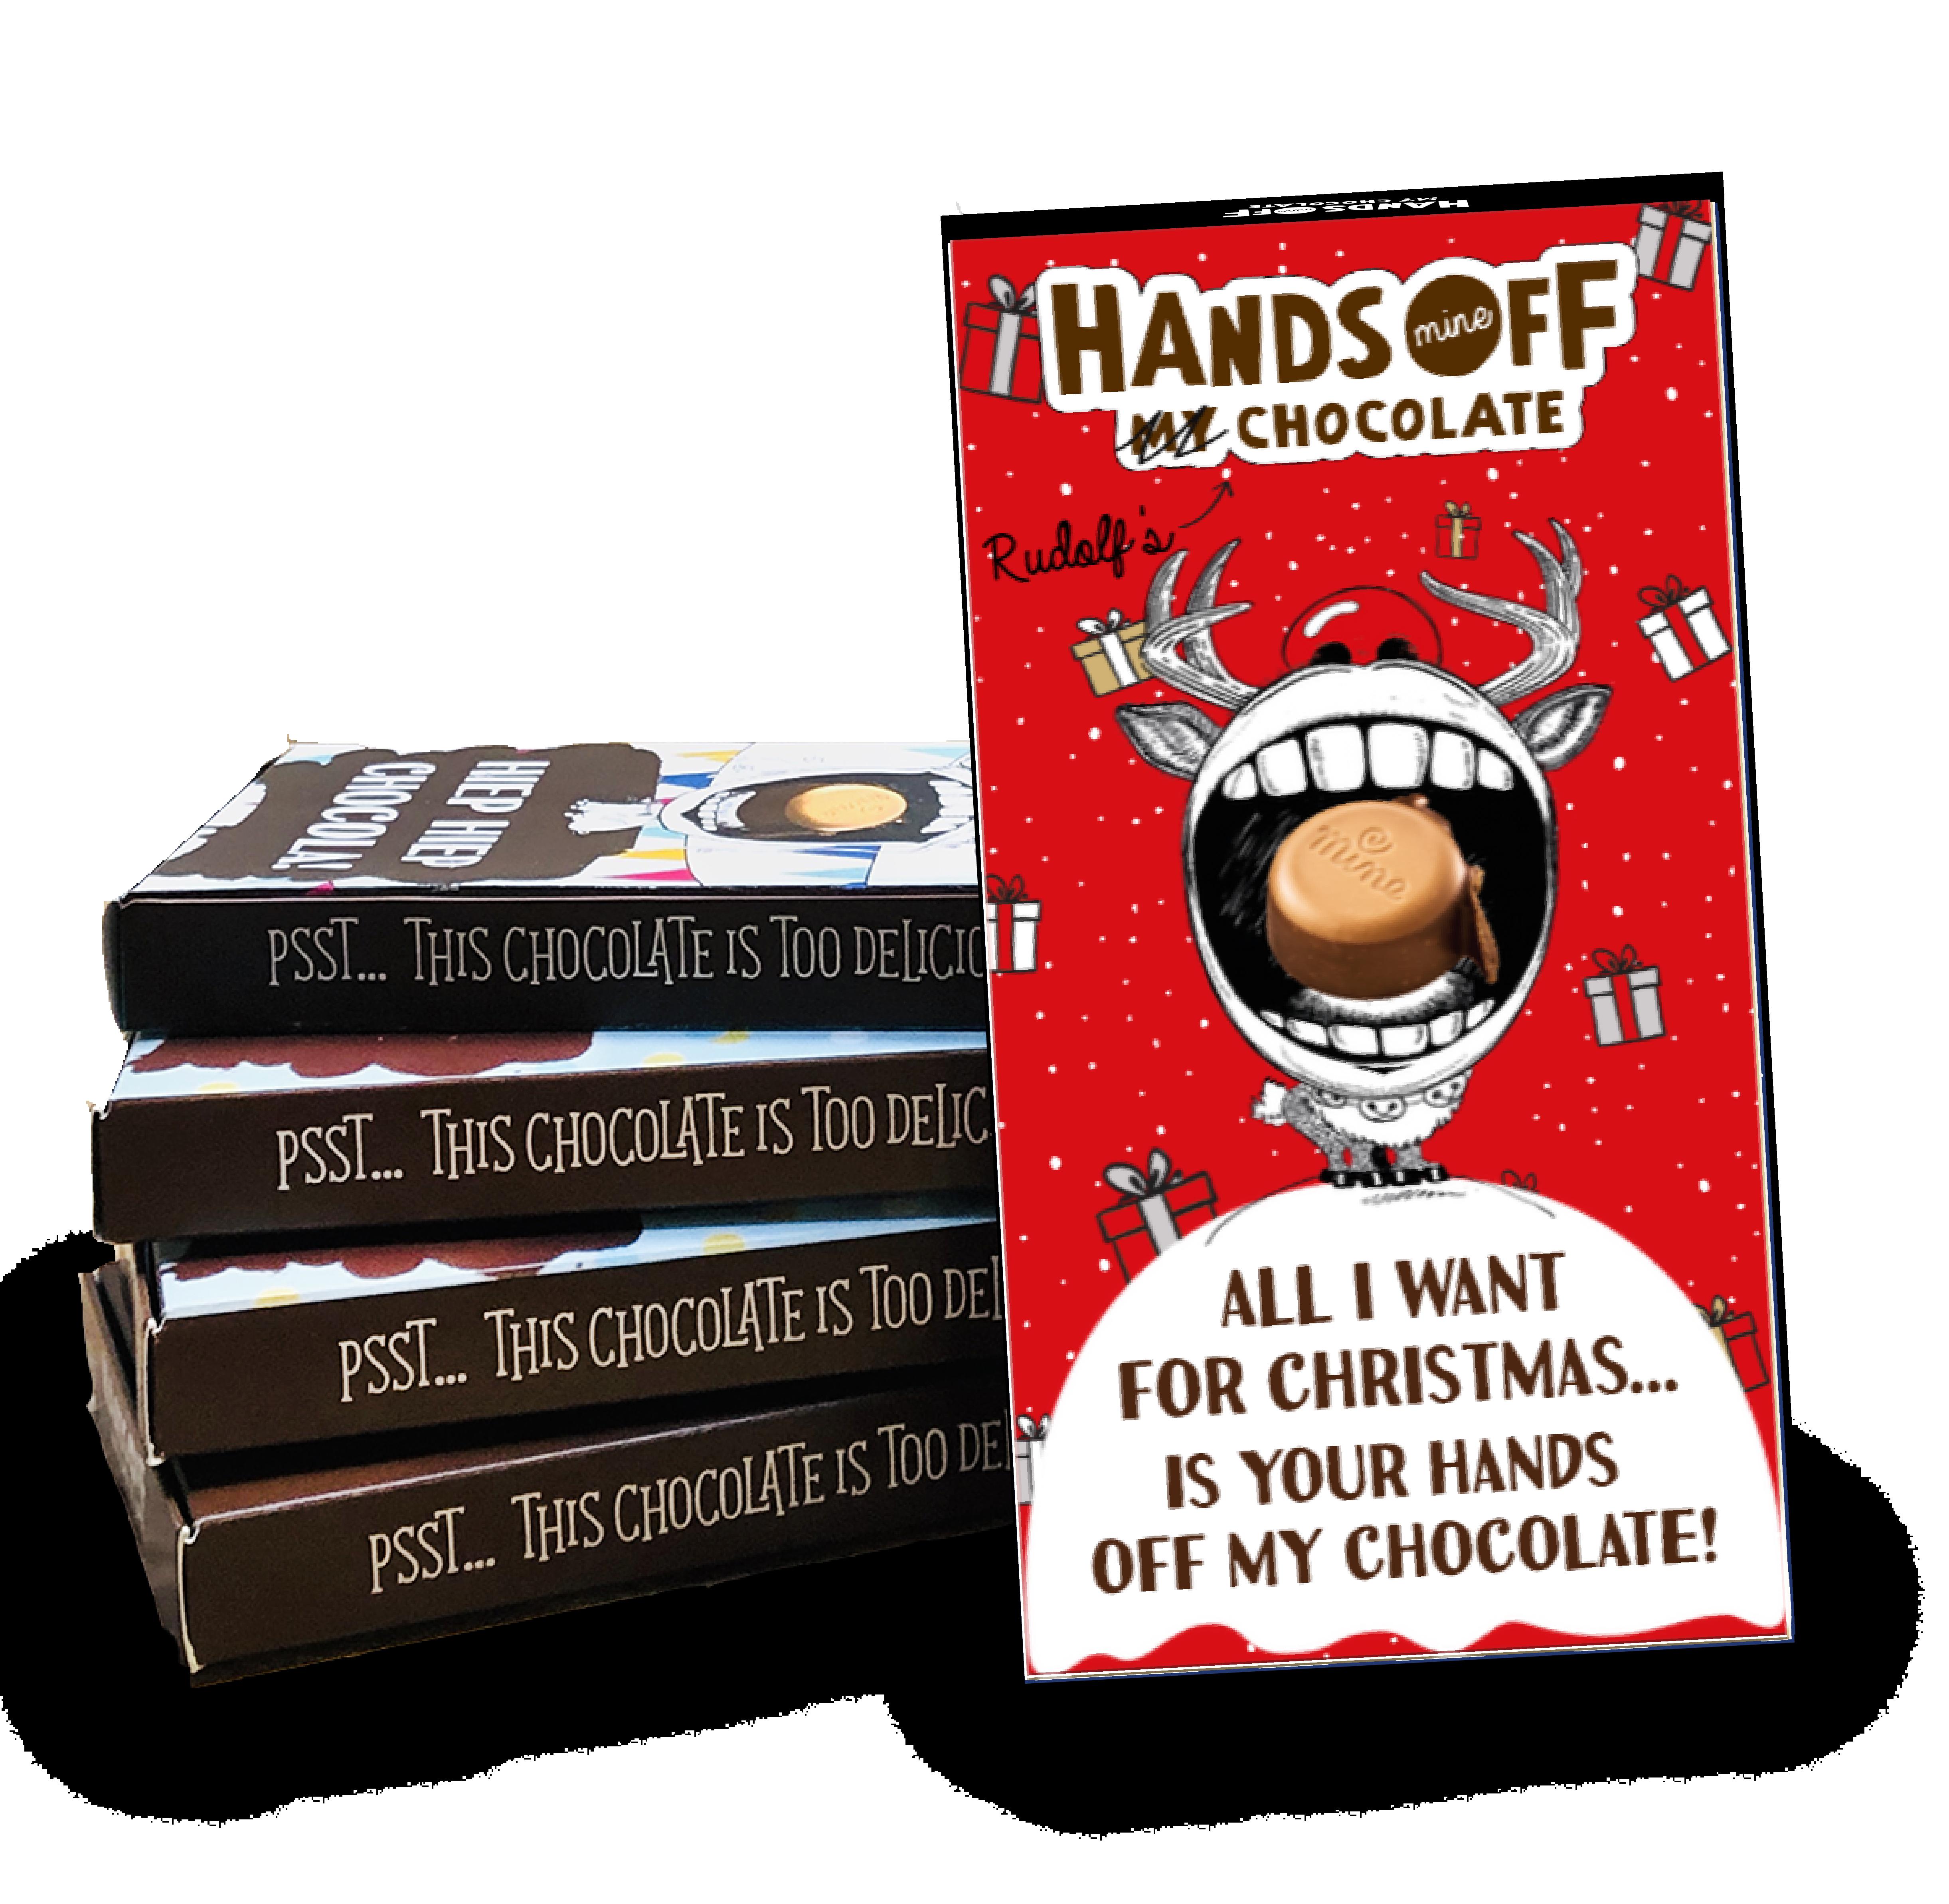 Maak jouw unieke kerstreep met Hands Off My Chocolate